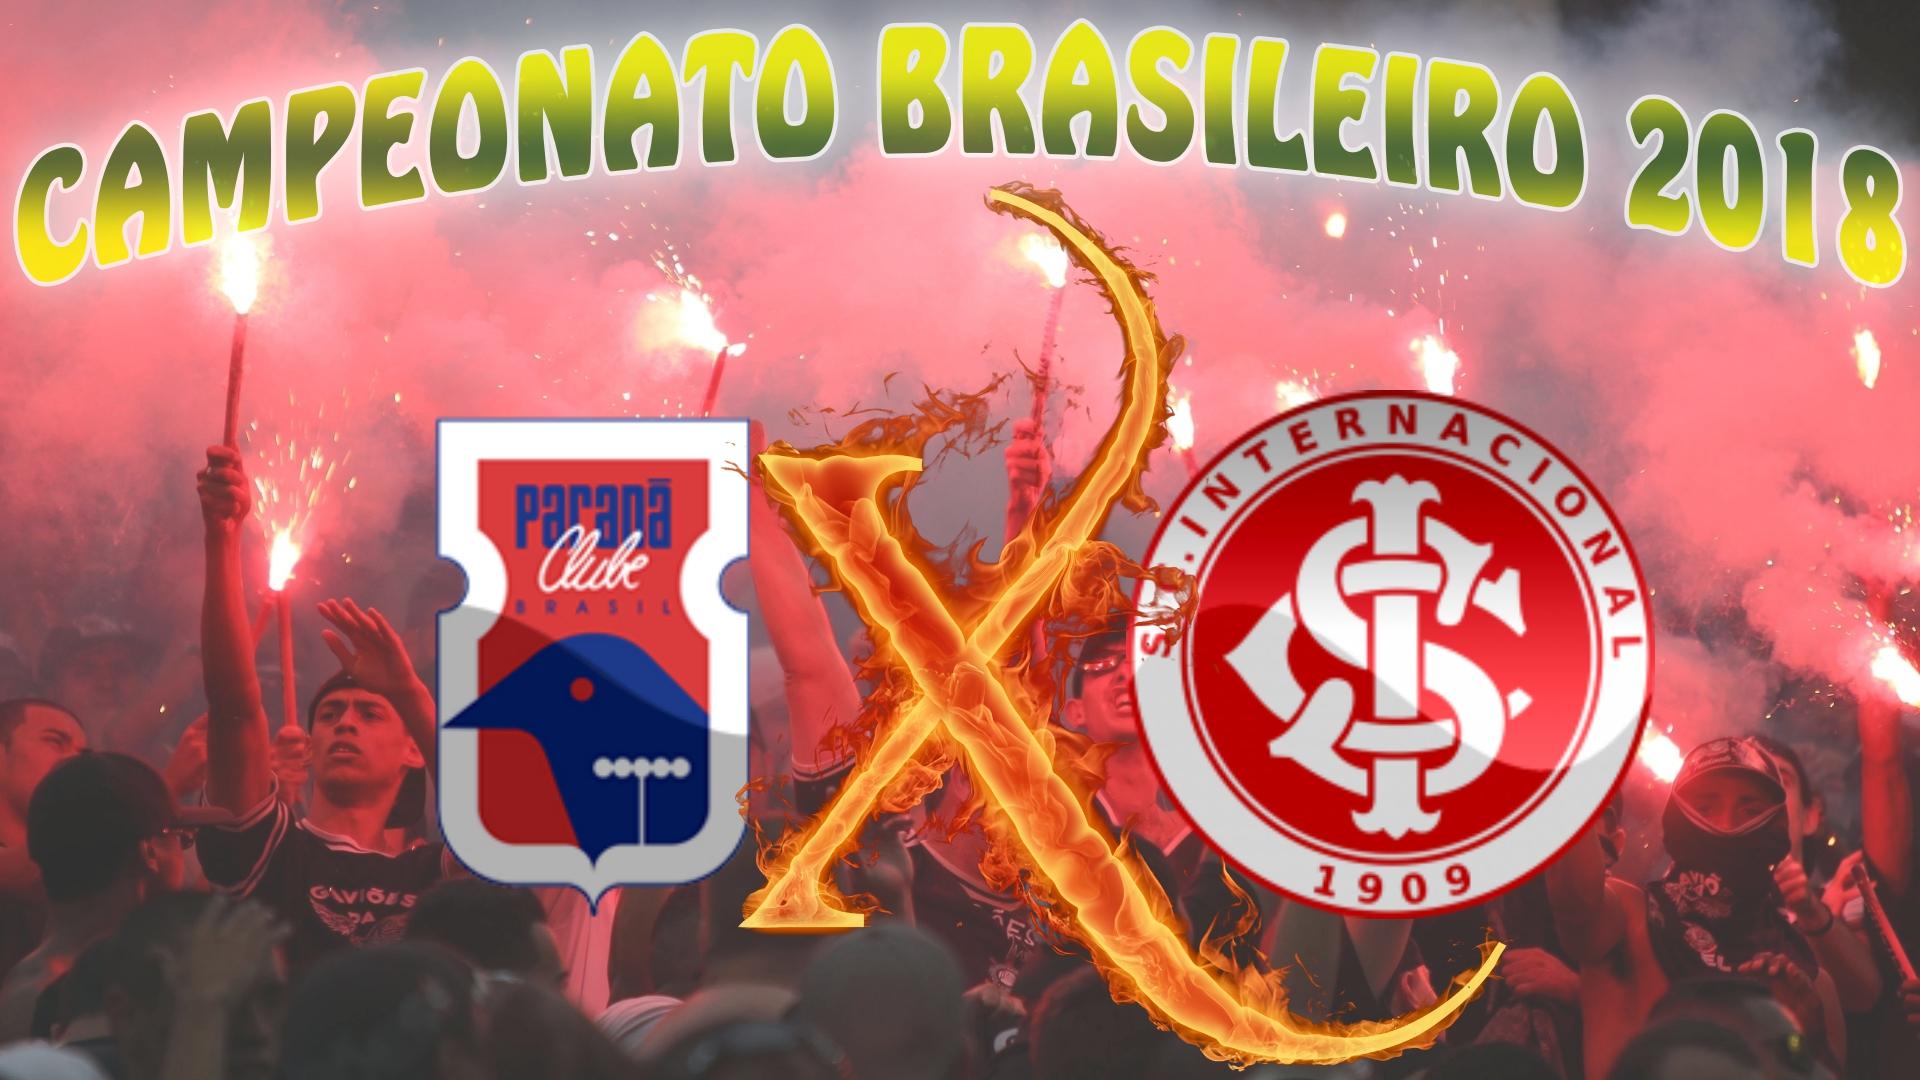 Paraná vs Internacional - Brasileirão 2018 - 38ª rodada